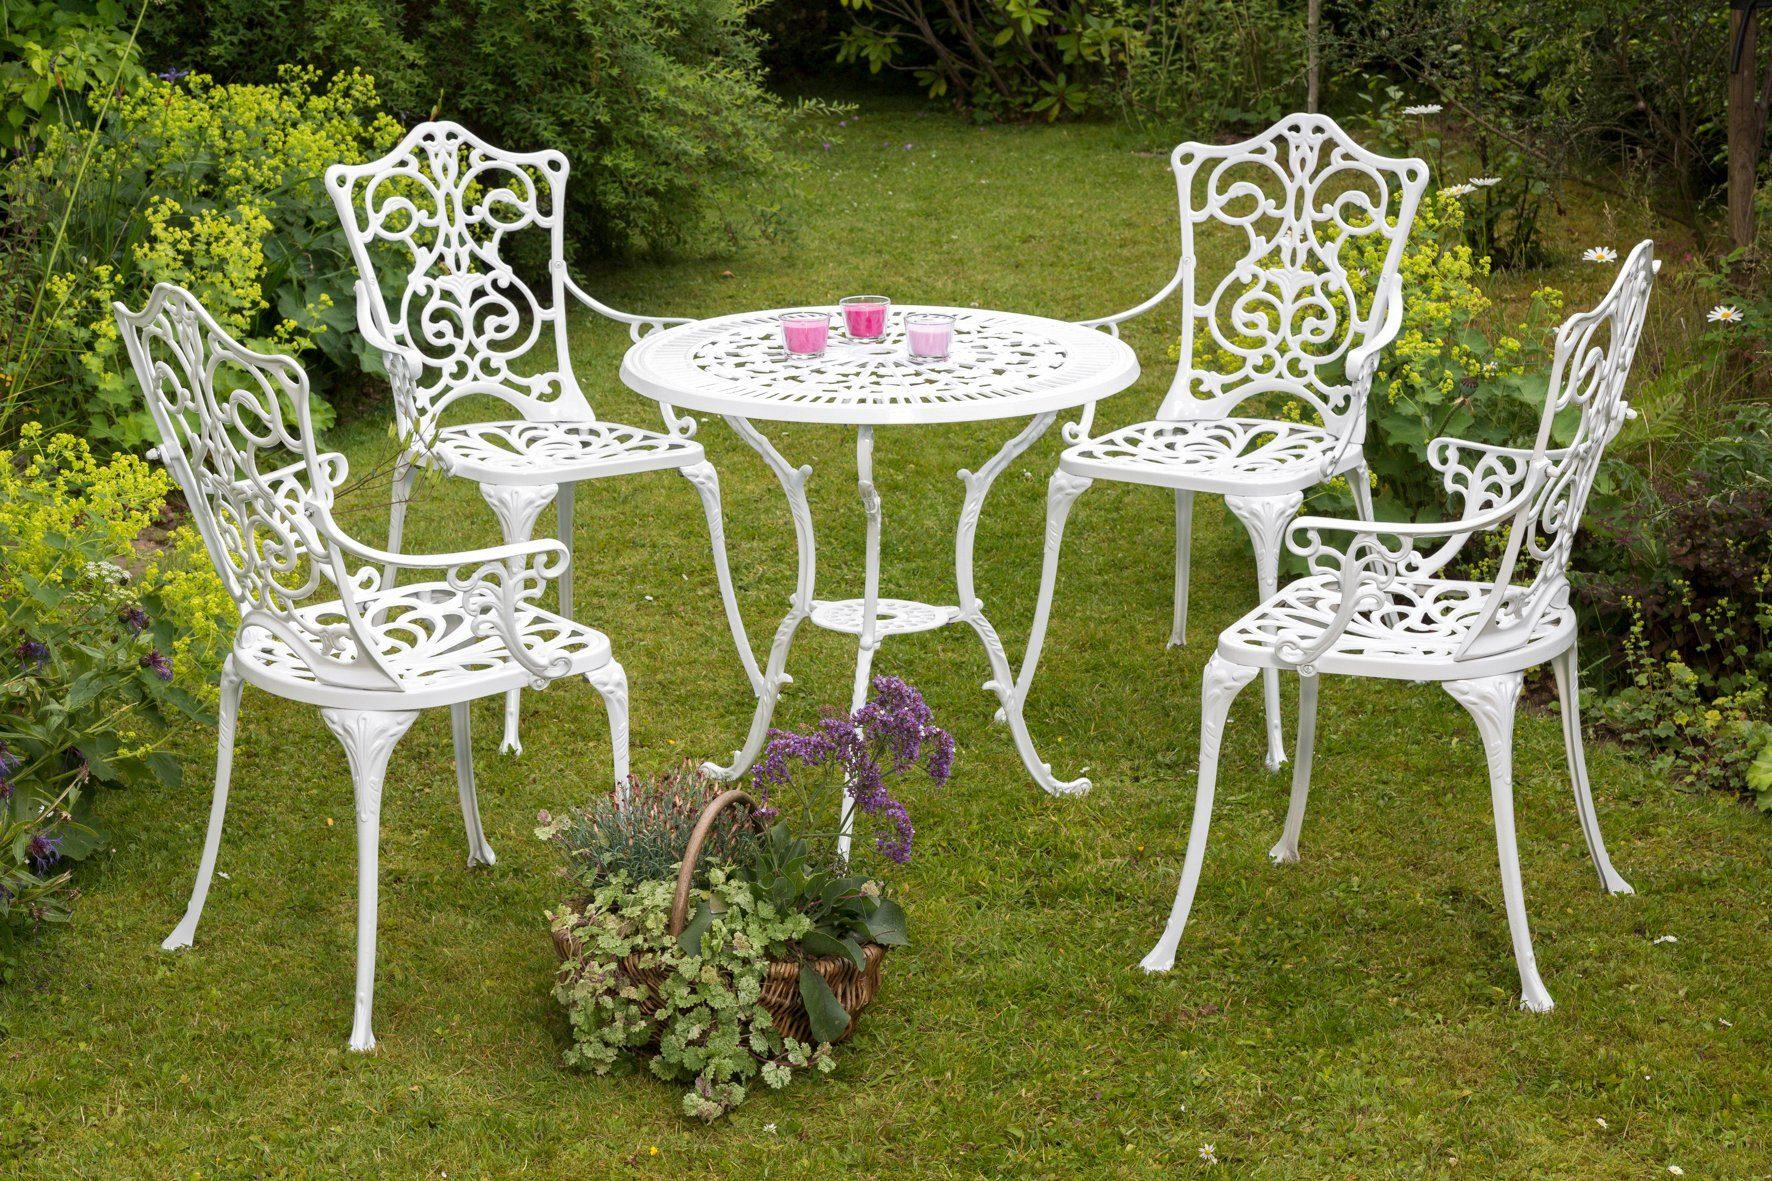 MERXX Gartenmöbelset »Lugano«, 5tlg., 4 Sessel, Tisch Ø 70 cm, Aluminium